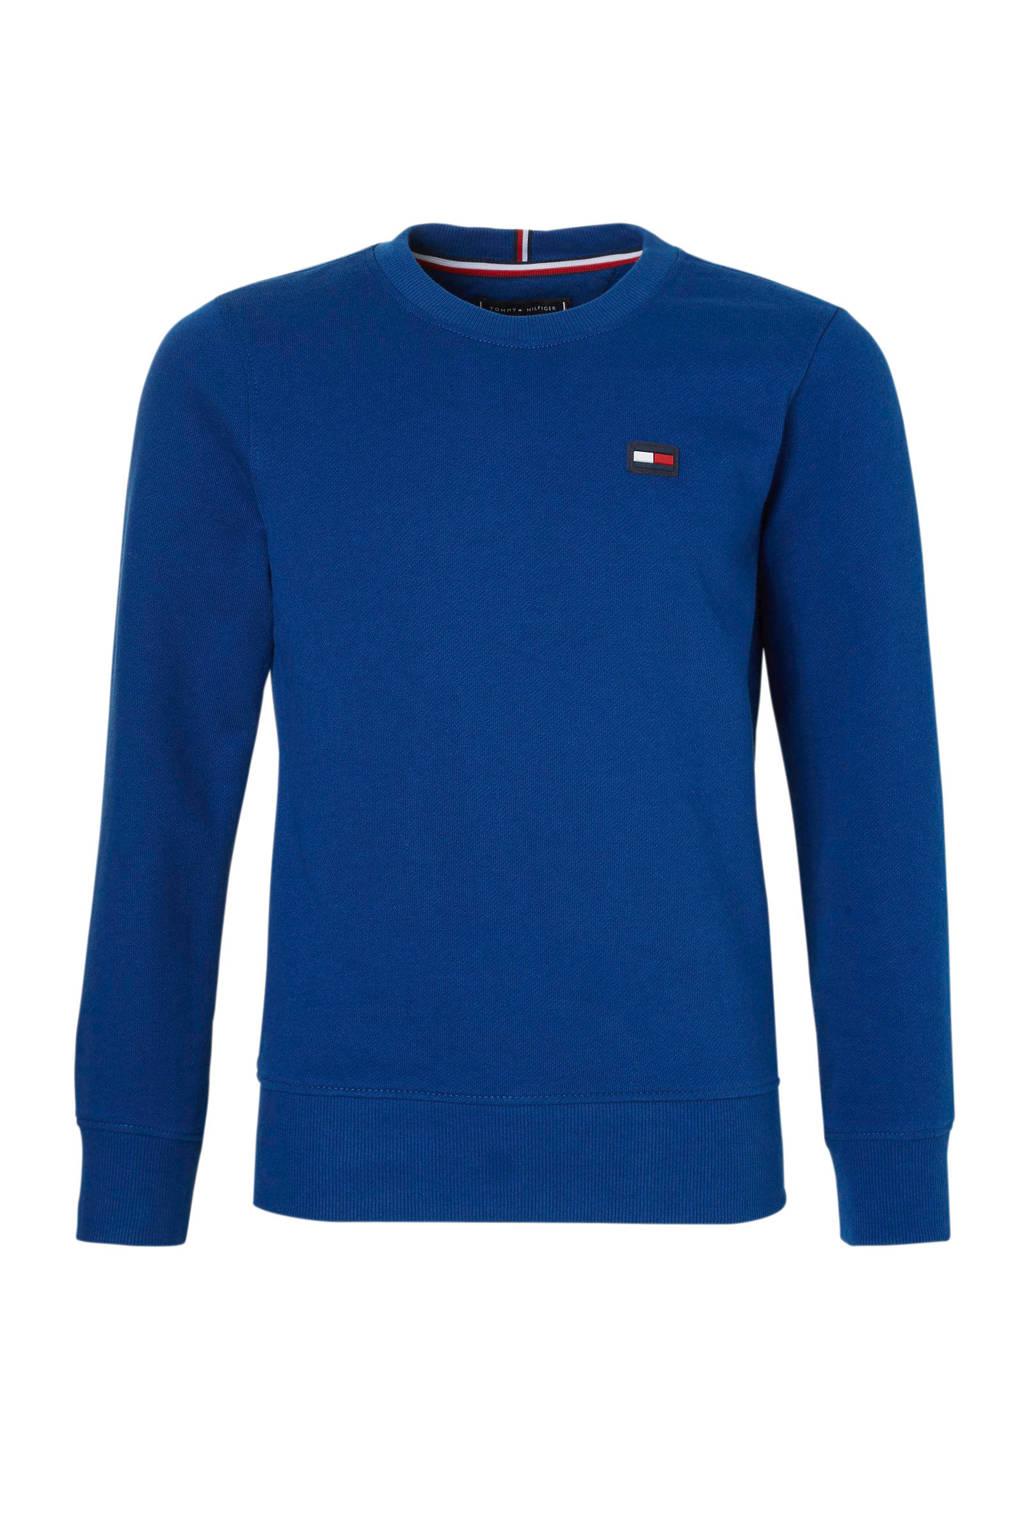 Tommy Hilfiger sweater met vlag logo kobaltblauw, Kobaltblauw